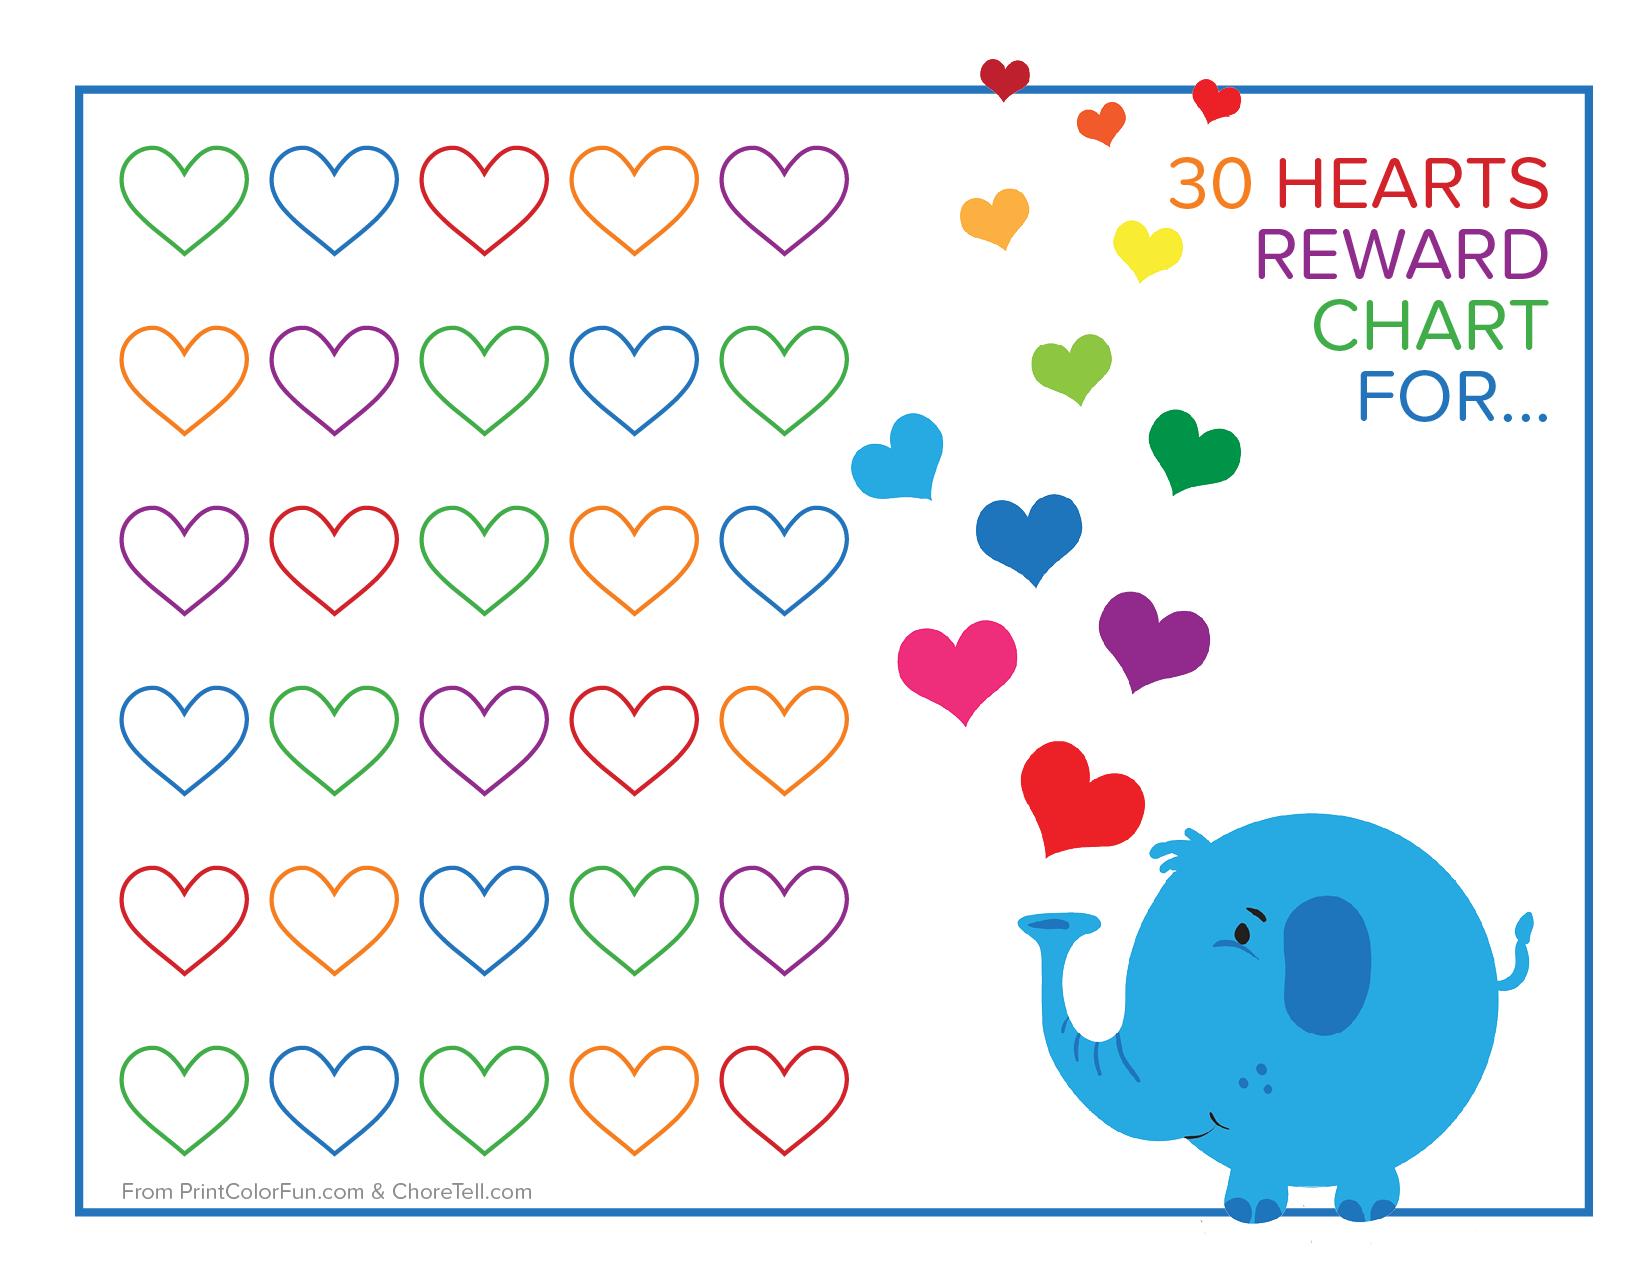 Elephant And Rainbow Hearts Reward Chart - Free Printable Downloads - Free Printable Reward Charts